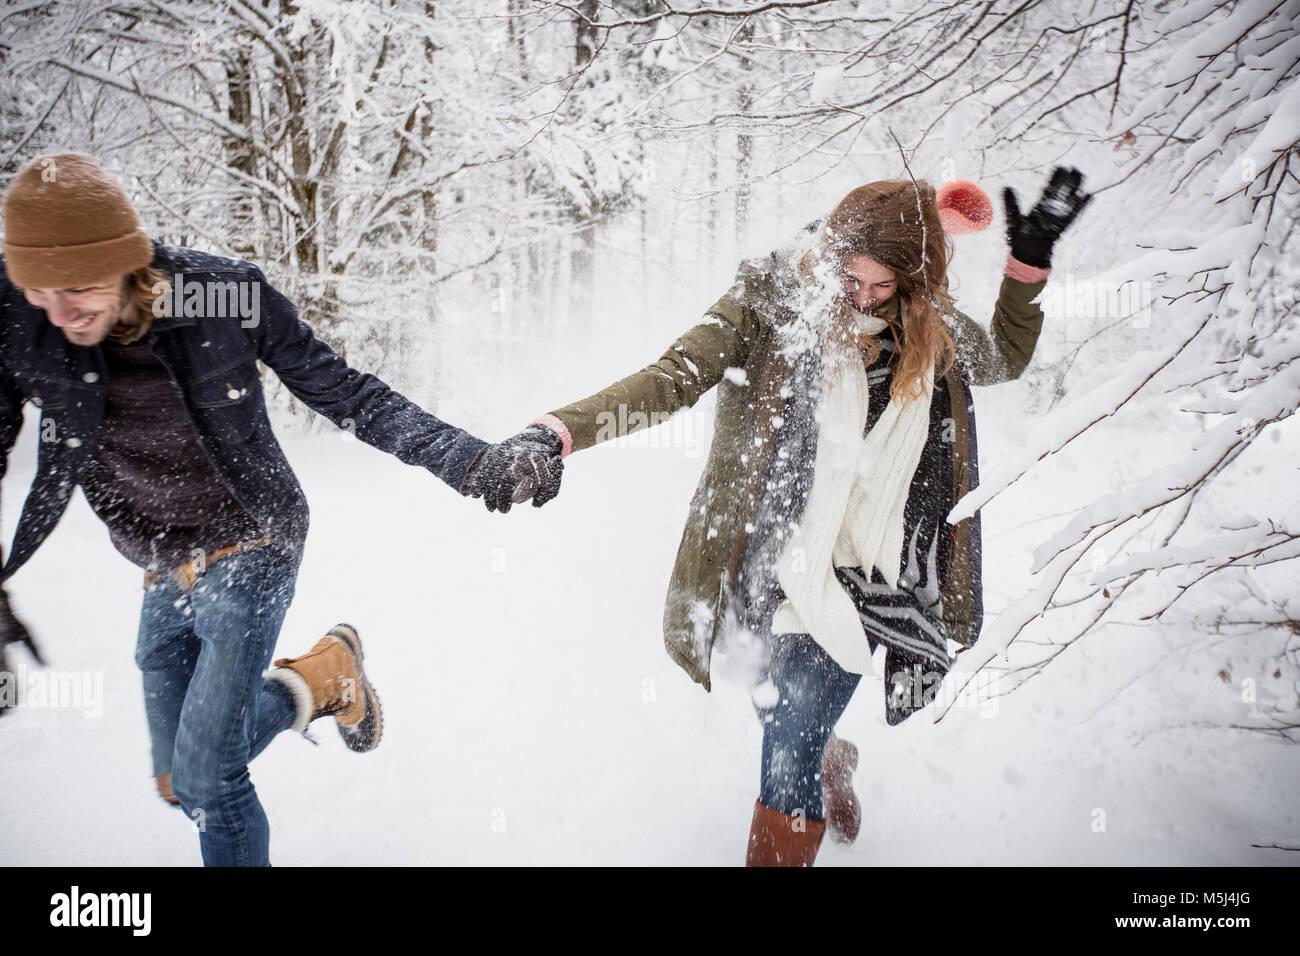 Glückliches Paar laufen im Winter Wald Stockbild